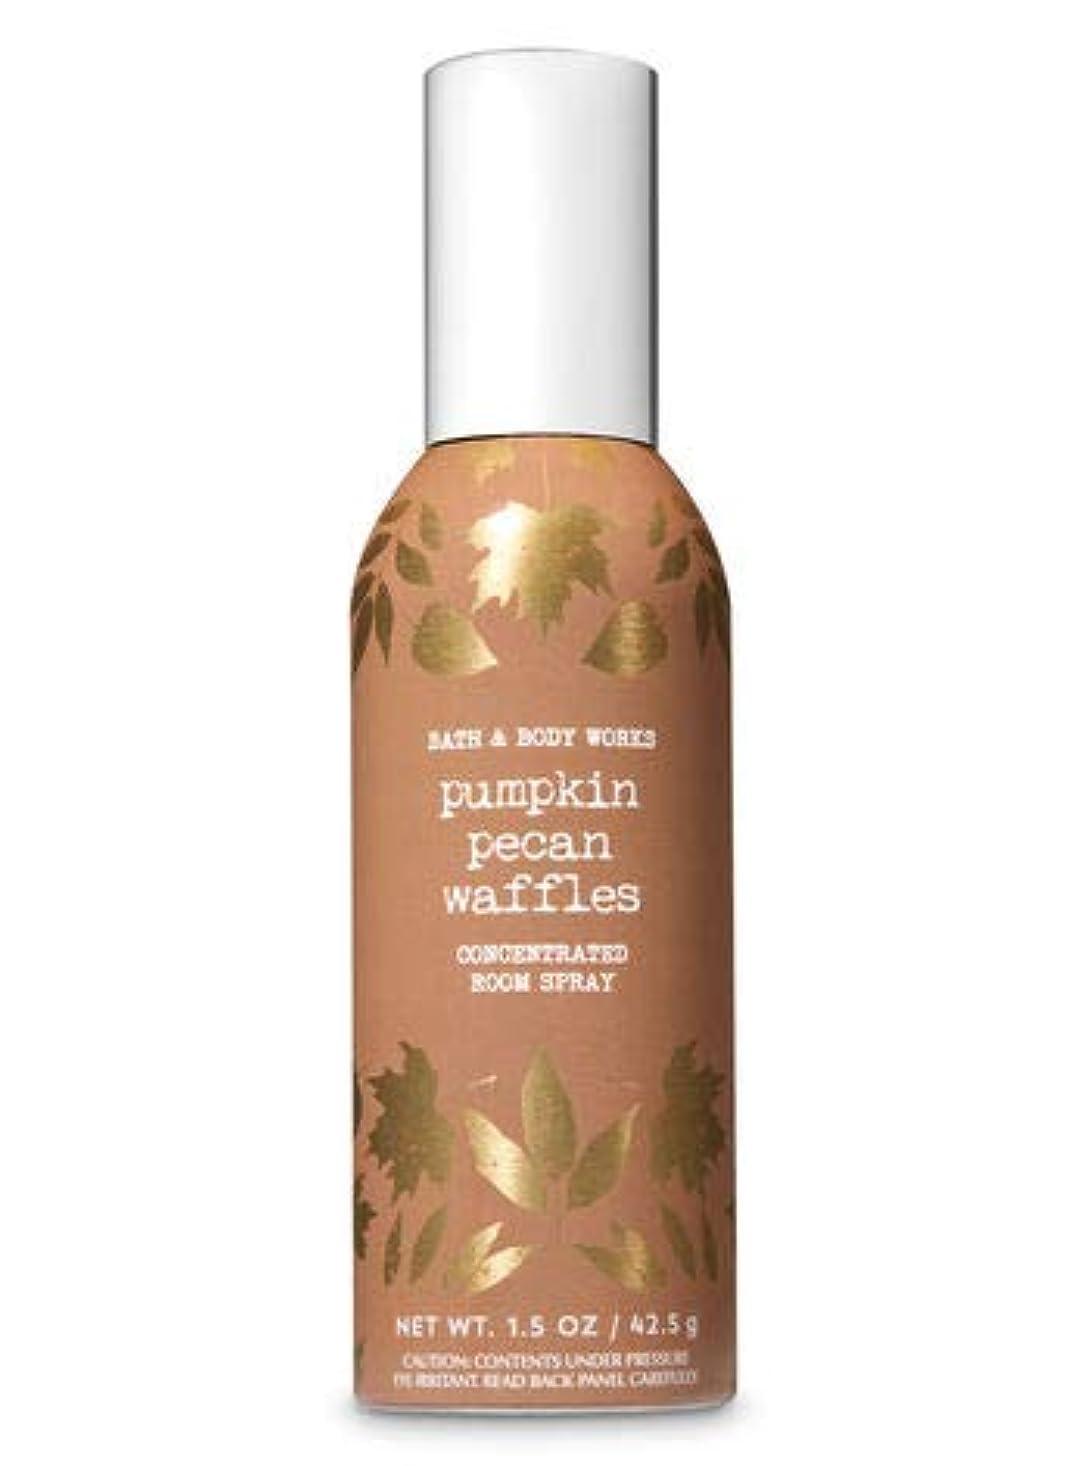 幻滅する戦略プレビュー【Bath&Body Works/バス&ボディワークス】 ルームスプレー パンプキンピーカンワッフル 1.5 oz. Concentrated Room Spray/Room Perfume Pumpkin Pecan Waffles [並行輸入品]